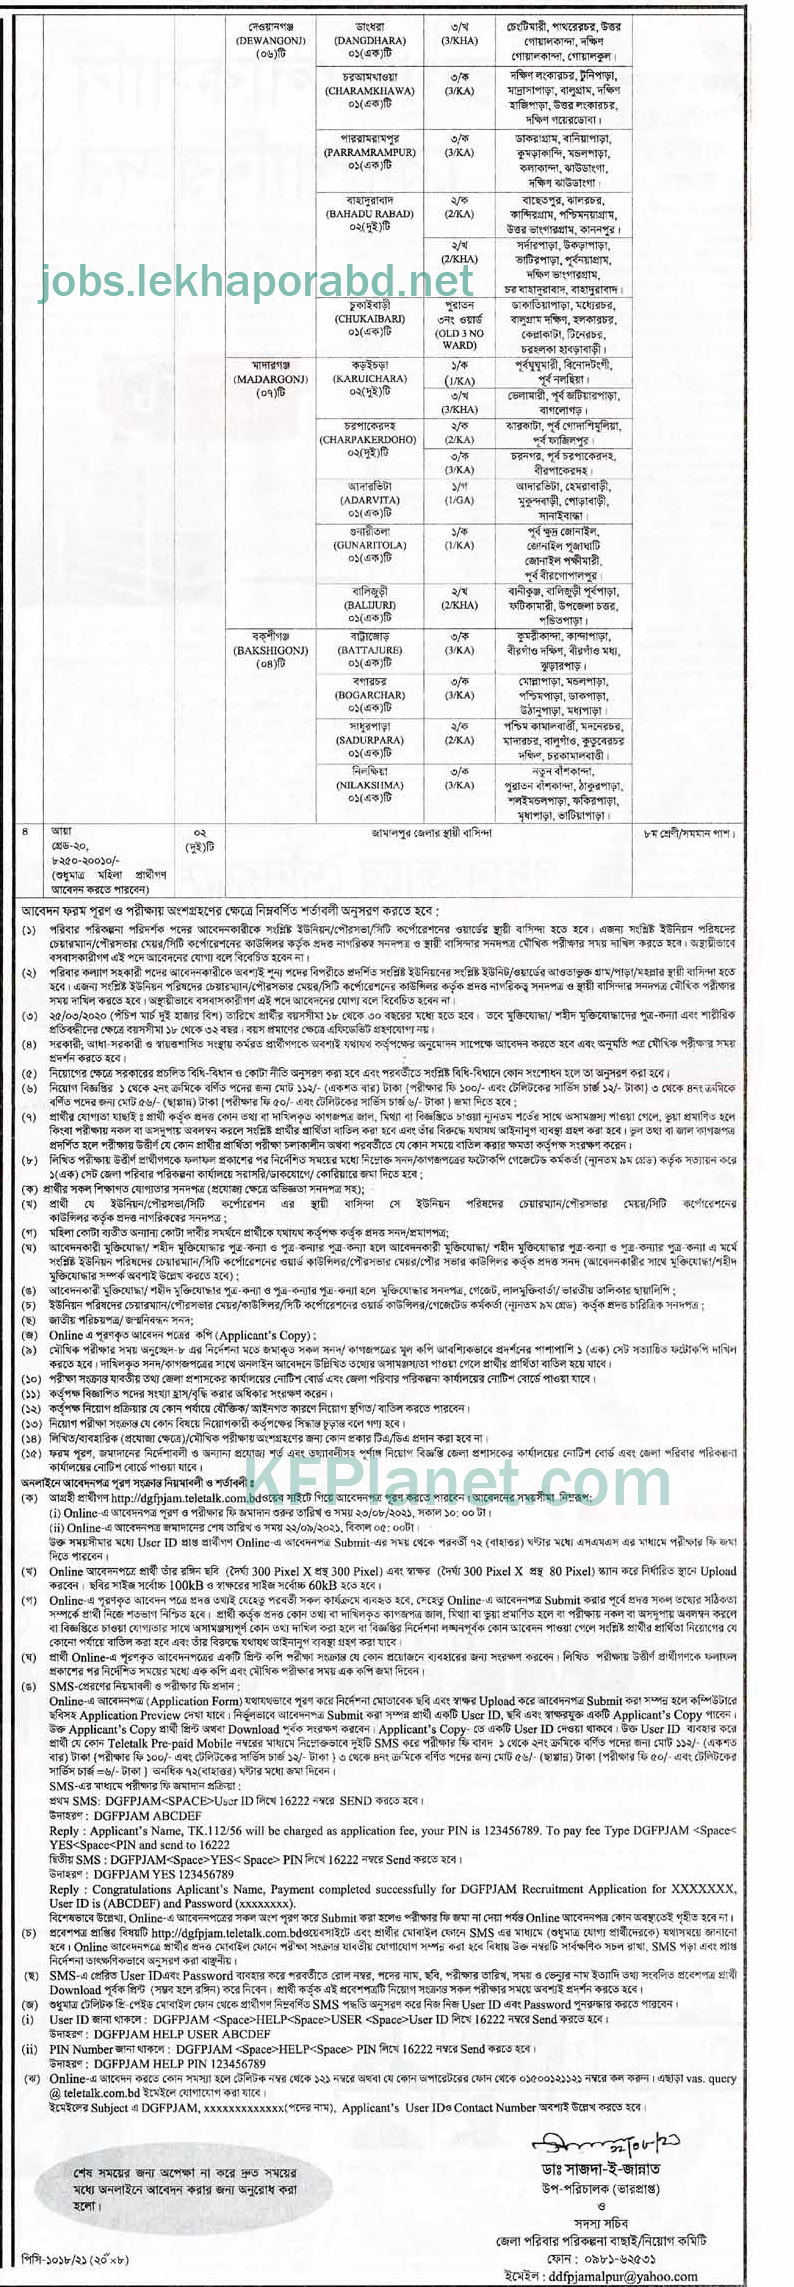 জামালপুর জেলা পরিবার পরিকল্পনা নিয়োগ বিজ্ঞপ্তি ২০২১ - Jamalpur District poribar porikolpona job circular 2021 - poribar porikolpona job circular 2021